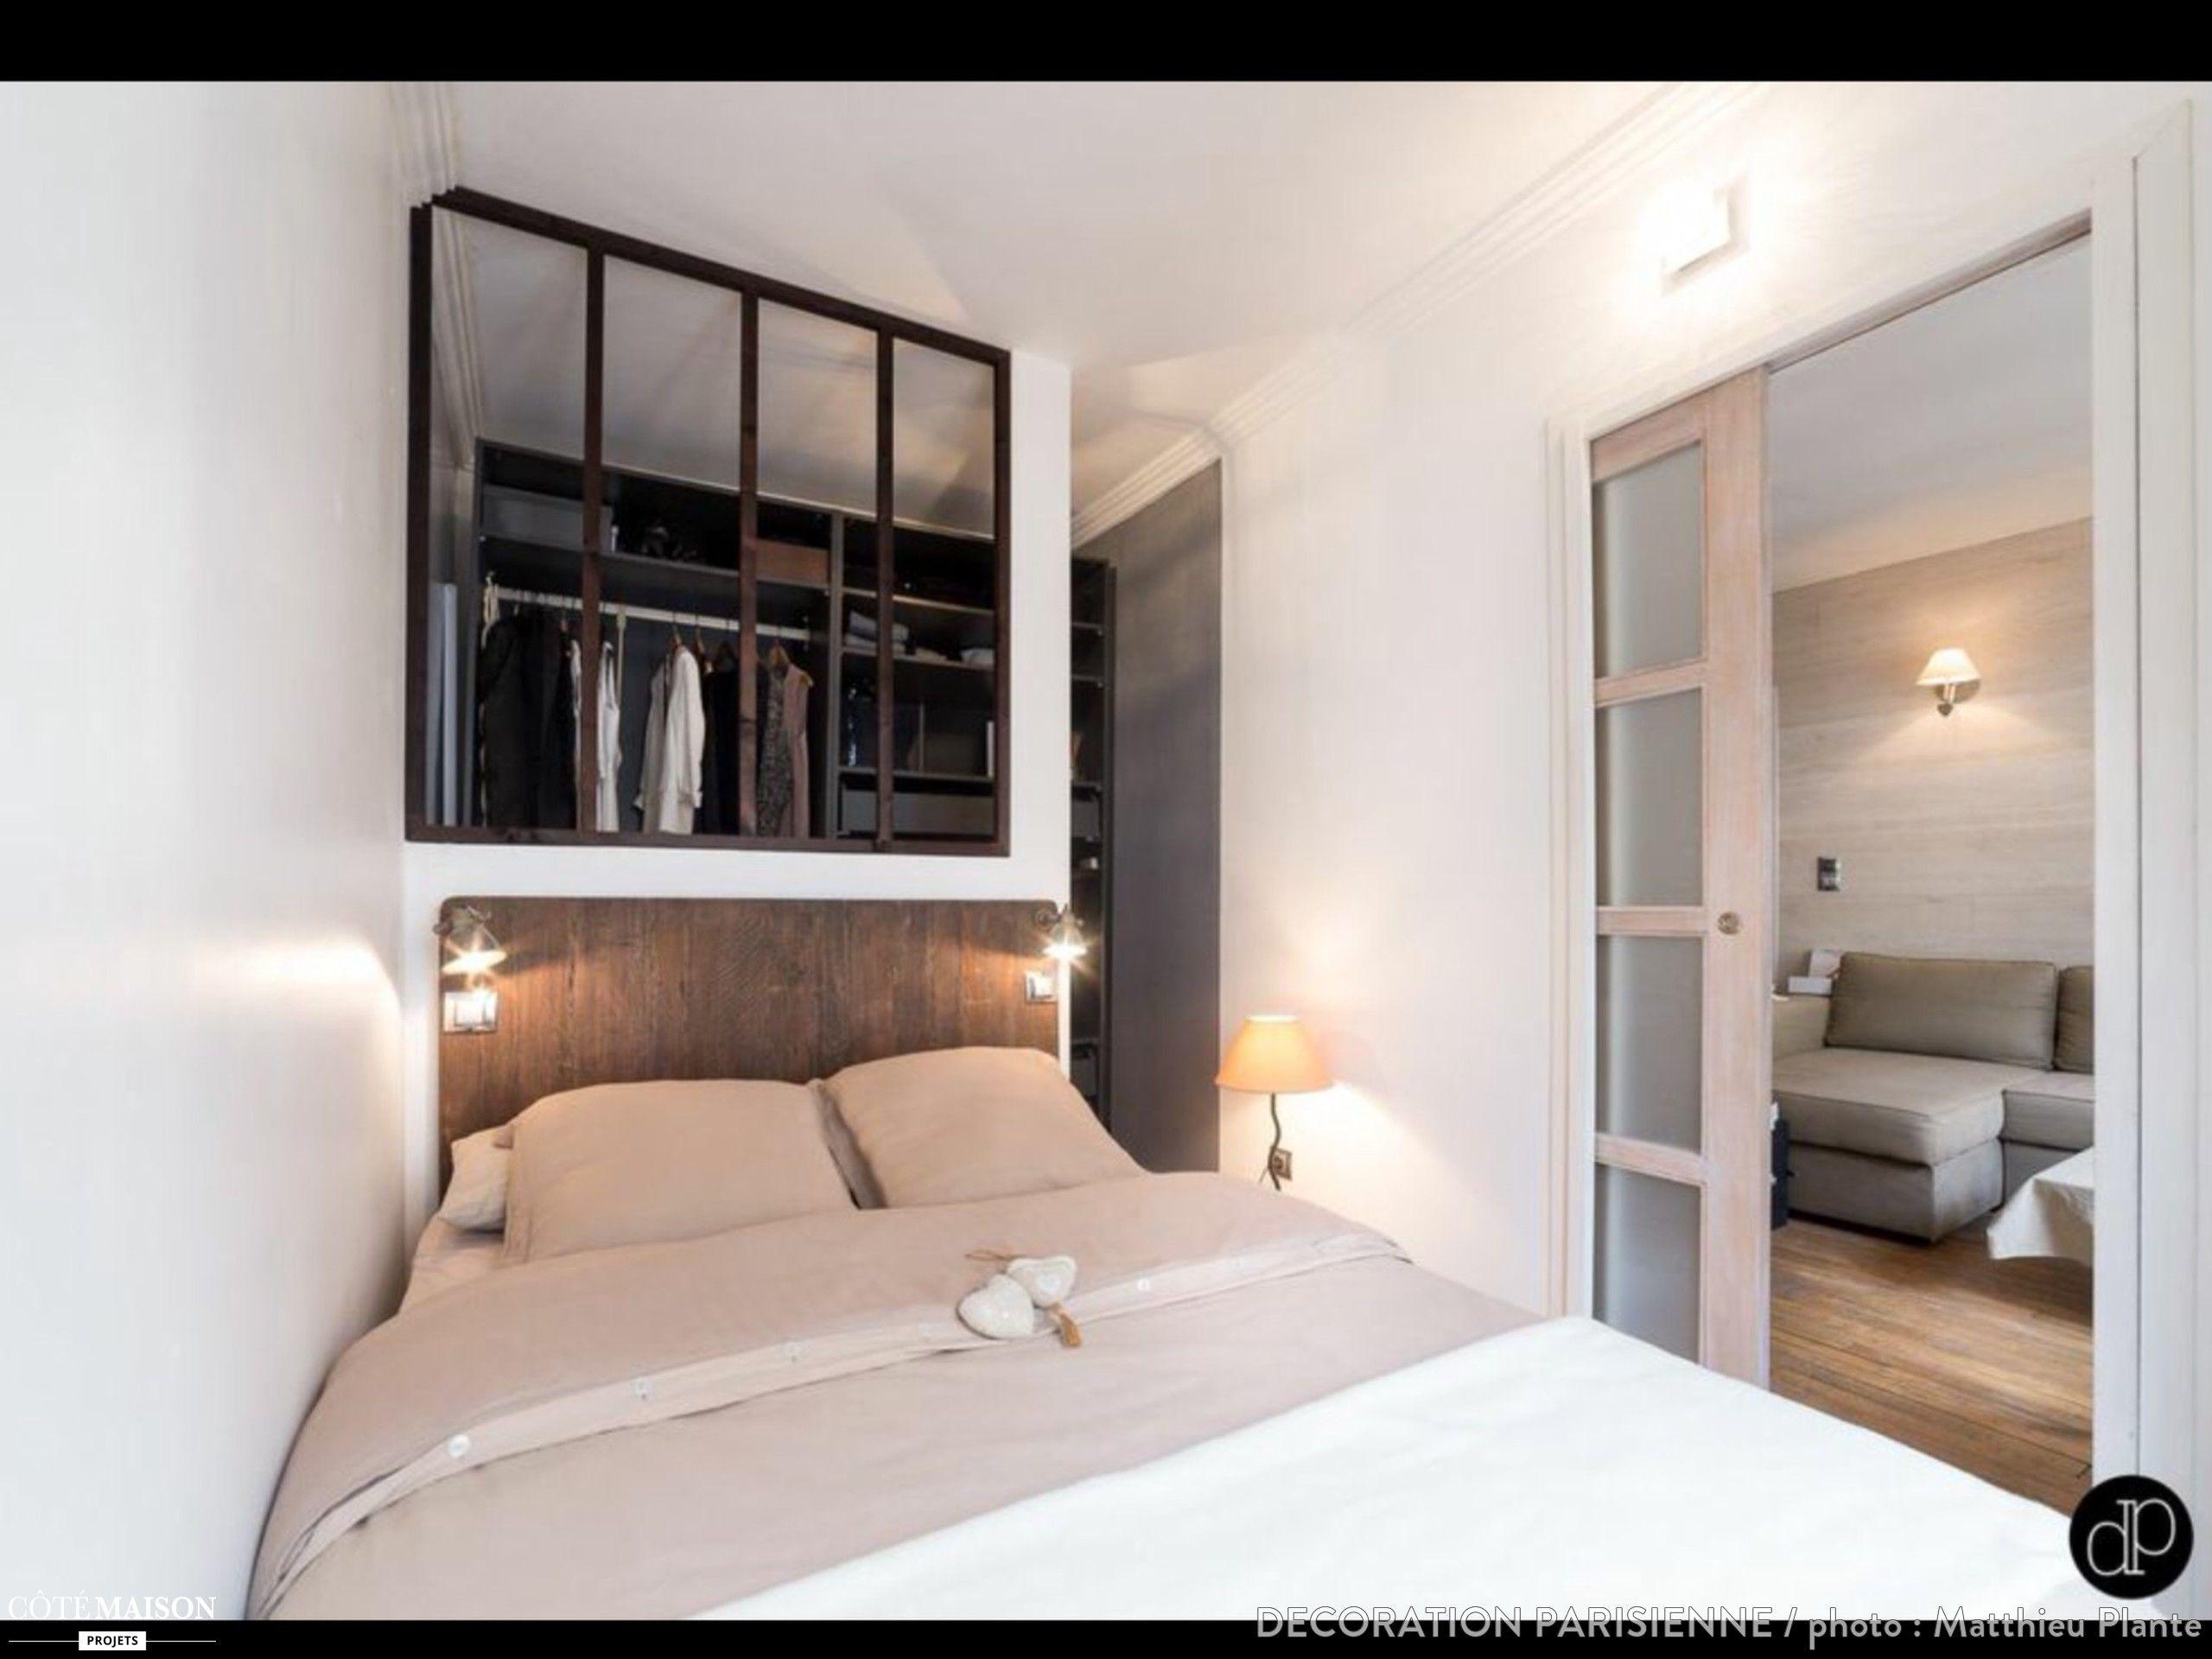 studio de 25 m2 dans lequel nous avons repens l 39 espace afin de cr er un deux pi ces agr able et. Black Bedroom Furniture Sets. Home Design Ideas